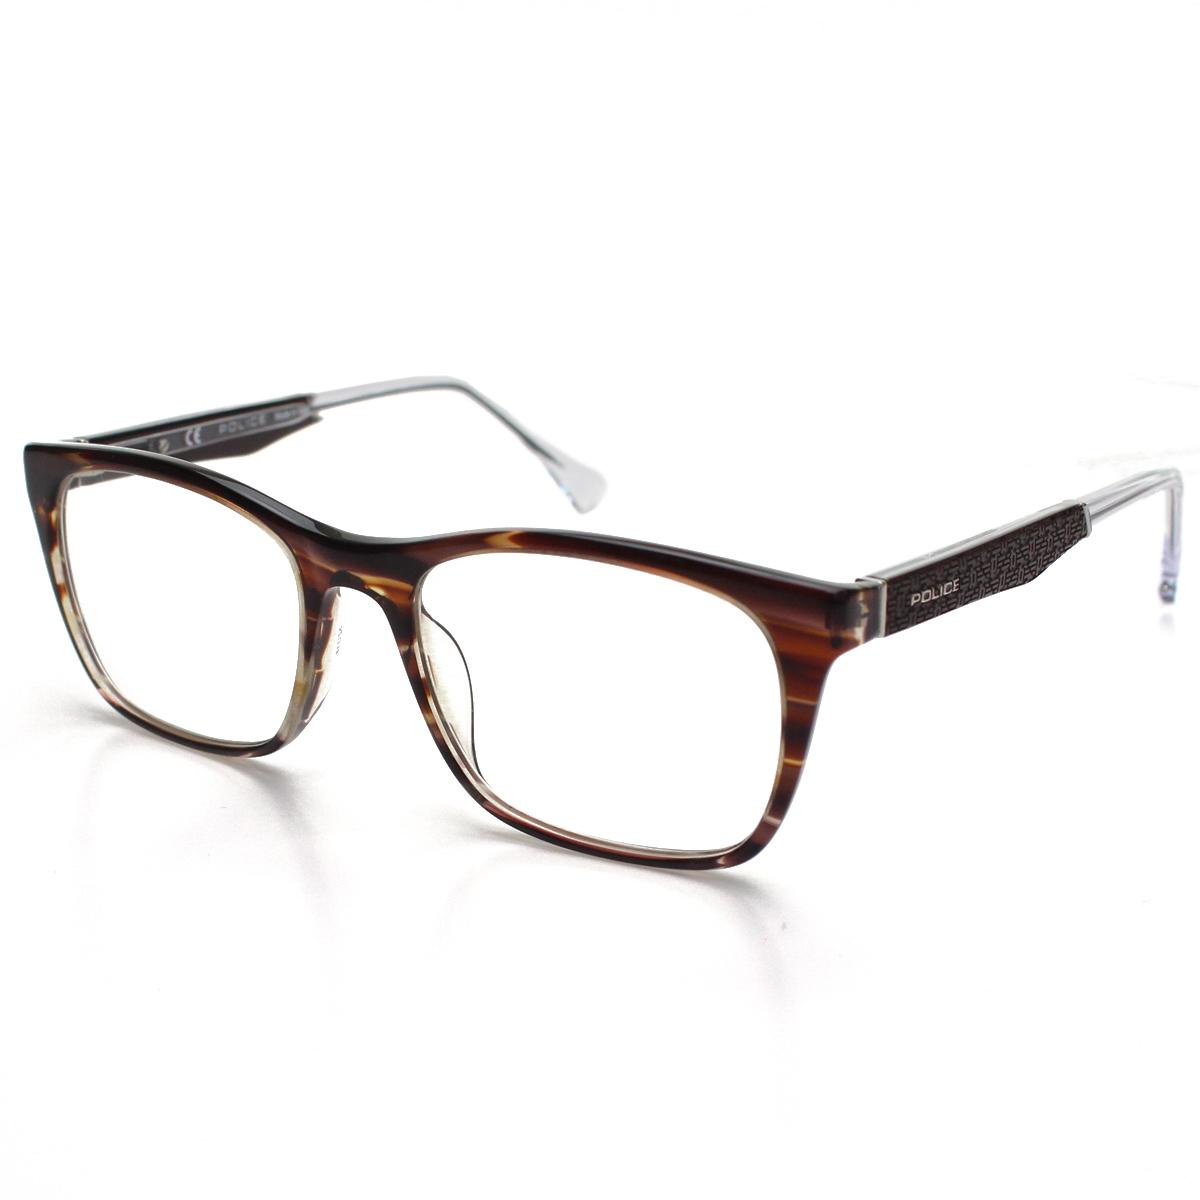 ポリス POLICE ダテ眼鏡 メガネフレーム VPL056 0C00 ブラウン系 メンズ